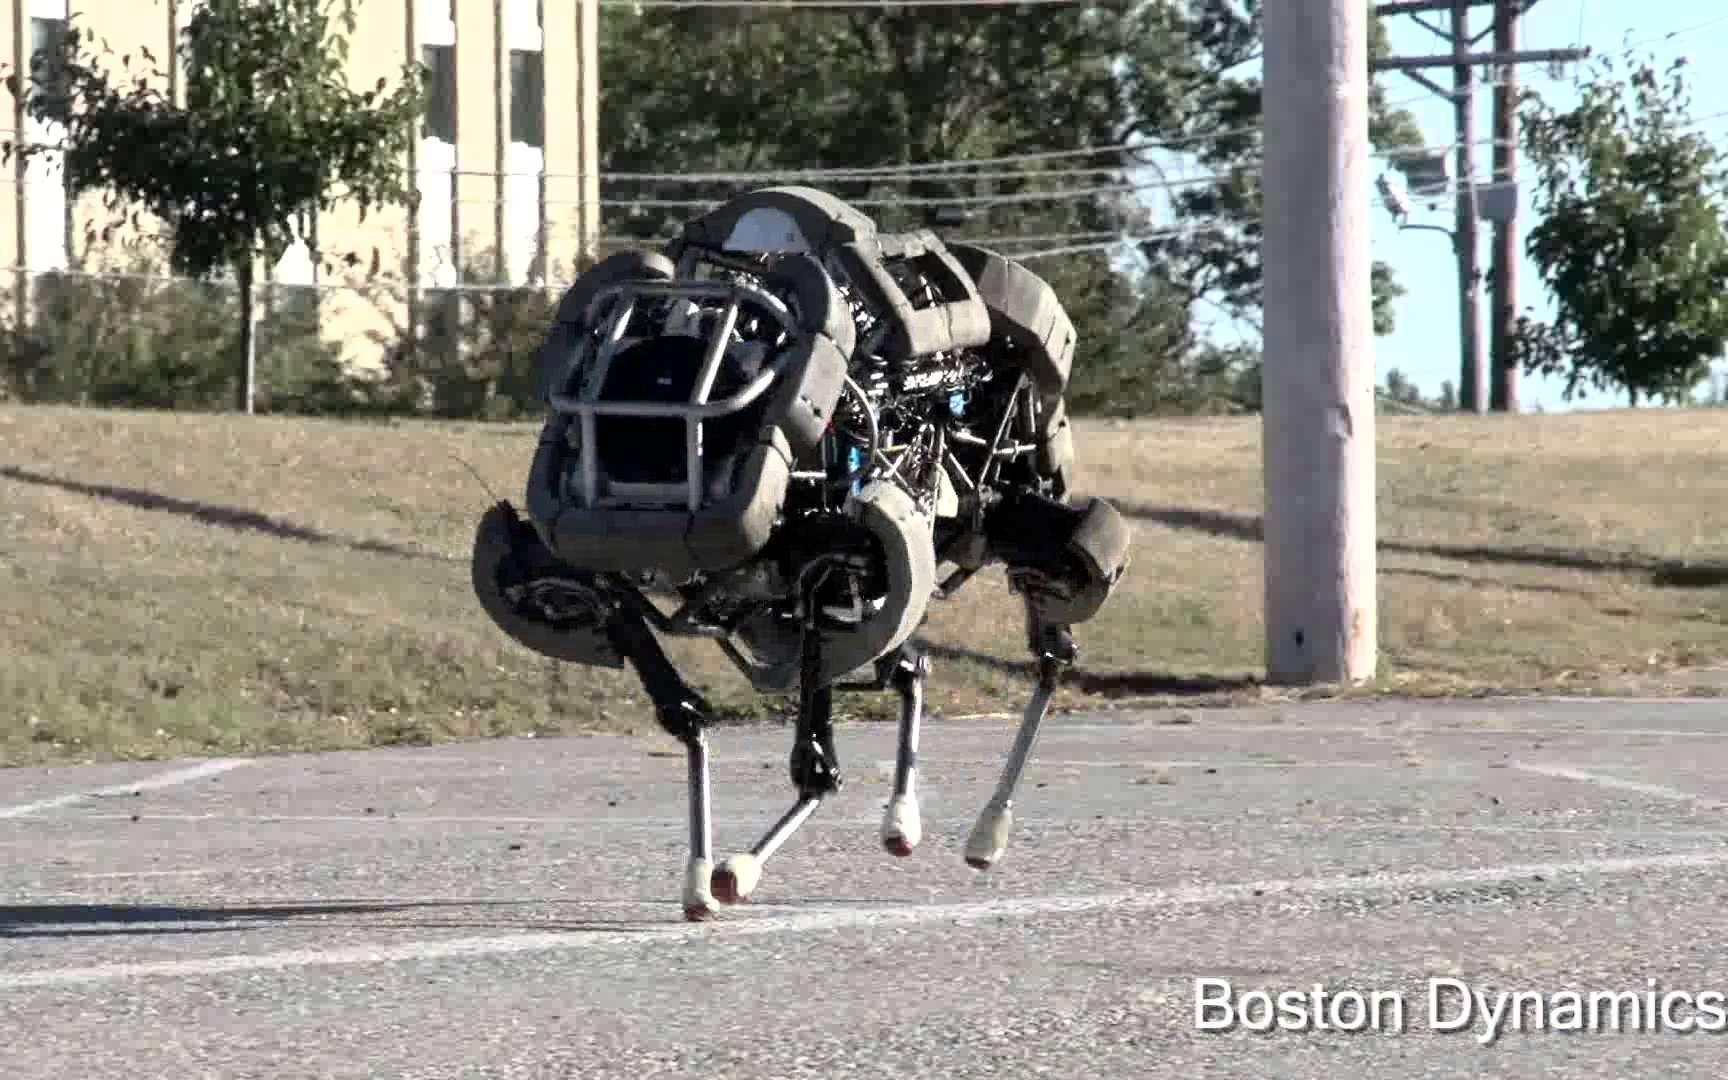 Qu'ils marchent, comme ce WildCat de la firme Boston Dynamics, qu'ils roulent ou qu'ils volent, les robots militaires gagnent d'année en année en autonomie. Ce qui leur donnera sous peu le permis de tuer. © Boston Dynamics